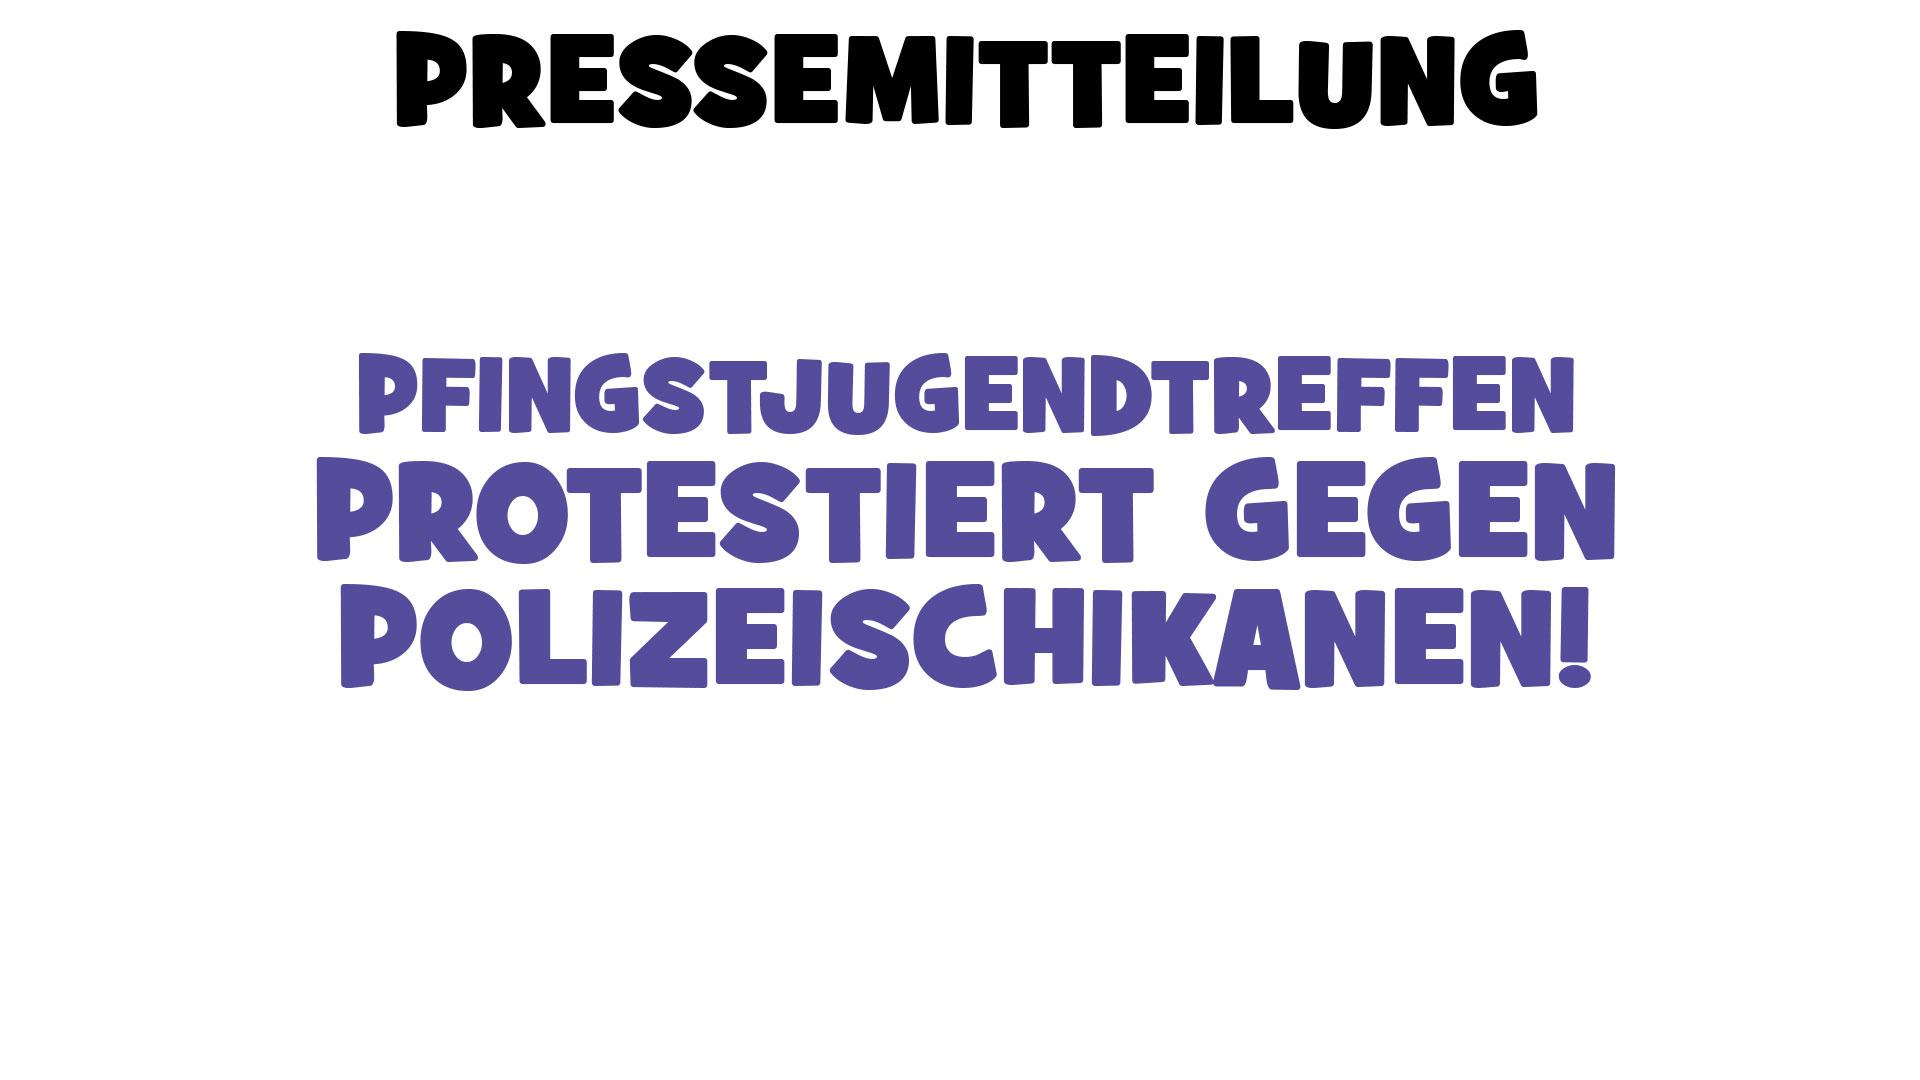 PM-protest